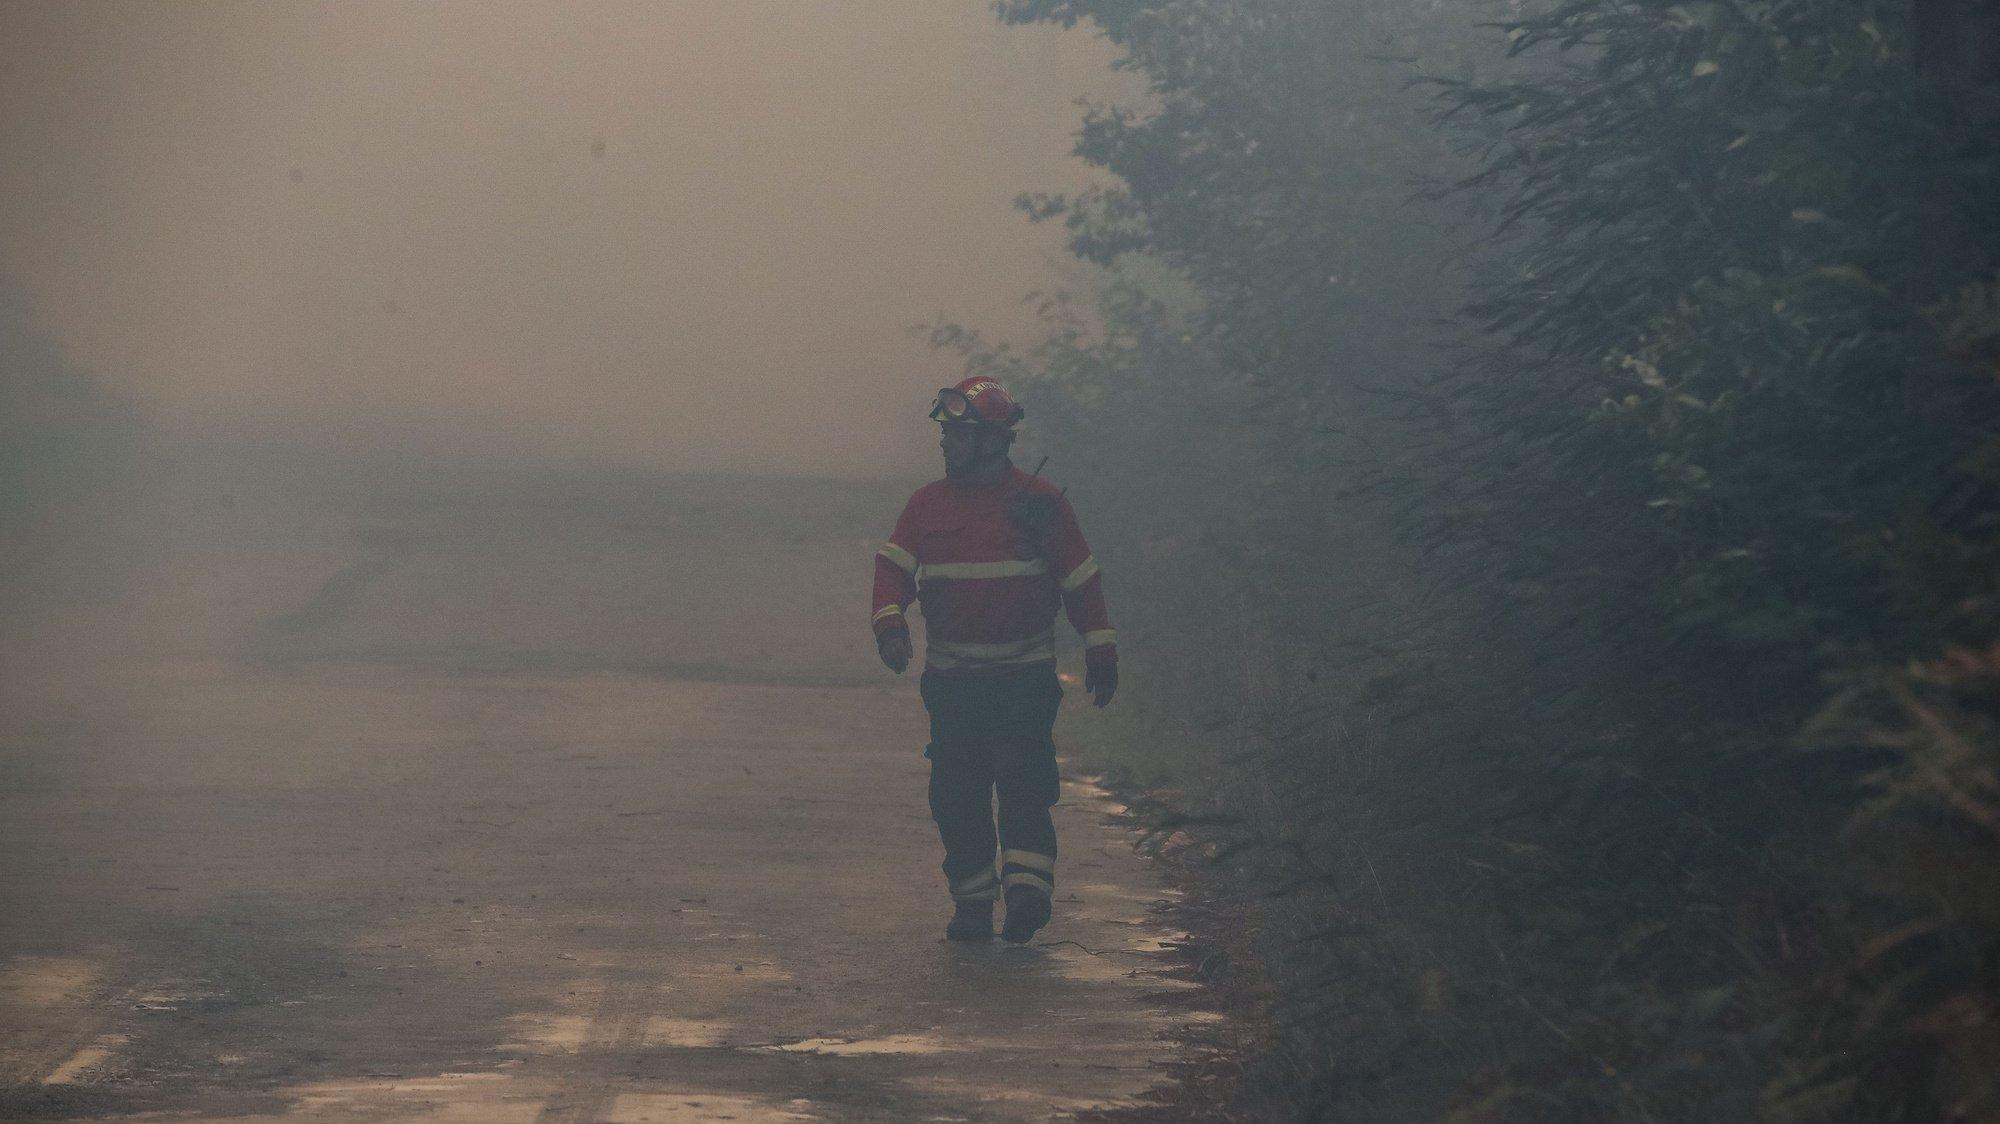 Um bombeiro durante o combate ao incêndio florestal lavra desde segunda-feira nos concelhos de Oliveira de Frades e Sever do Vouga, em Cedrim, 08 de setembro de 2020. A Estrada Nacional (EN) 328 encontra-se hoje cortada entre as freguesias de Pessegueiro do Vouga e Talhadas, na saída para a Autoestrada 25 (A25), no concelho de Sever do Vouga, devido ao incêndio de Oliveira de Frades. PAULO NOVAIS/LUSA